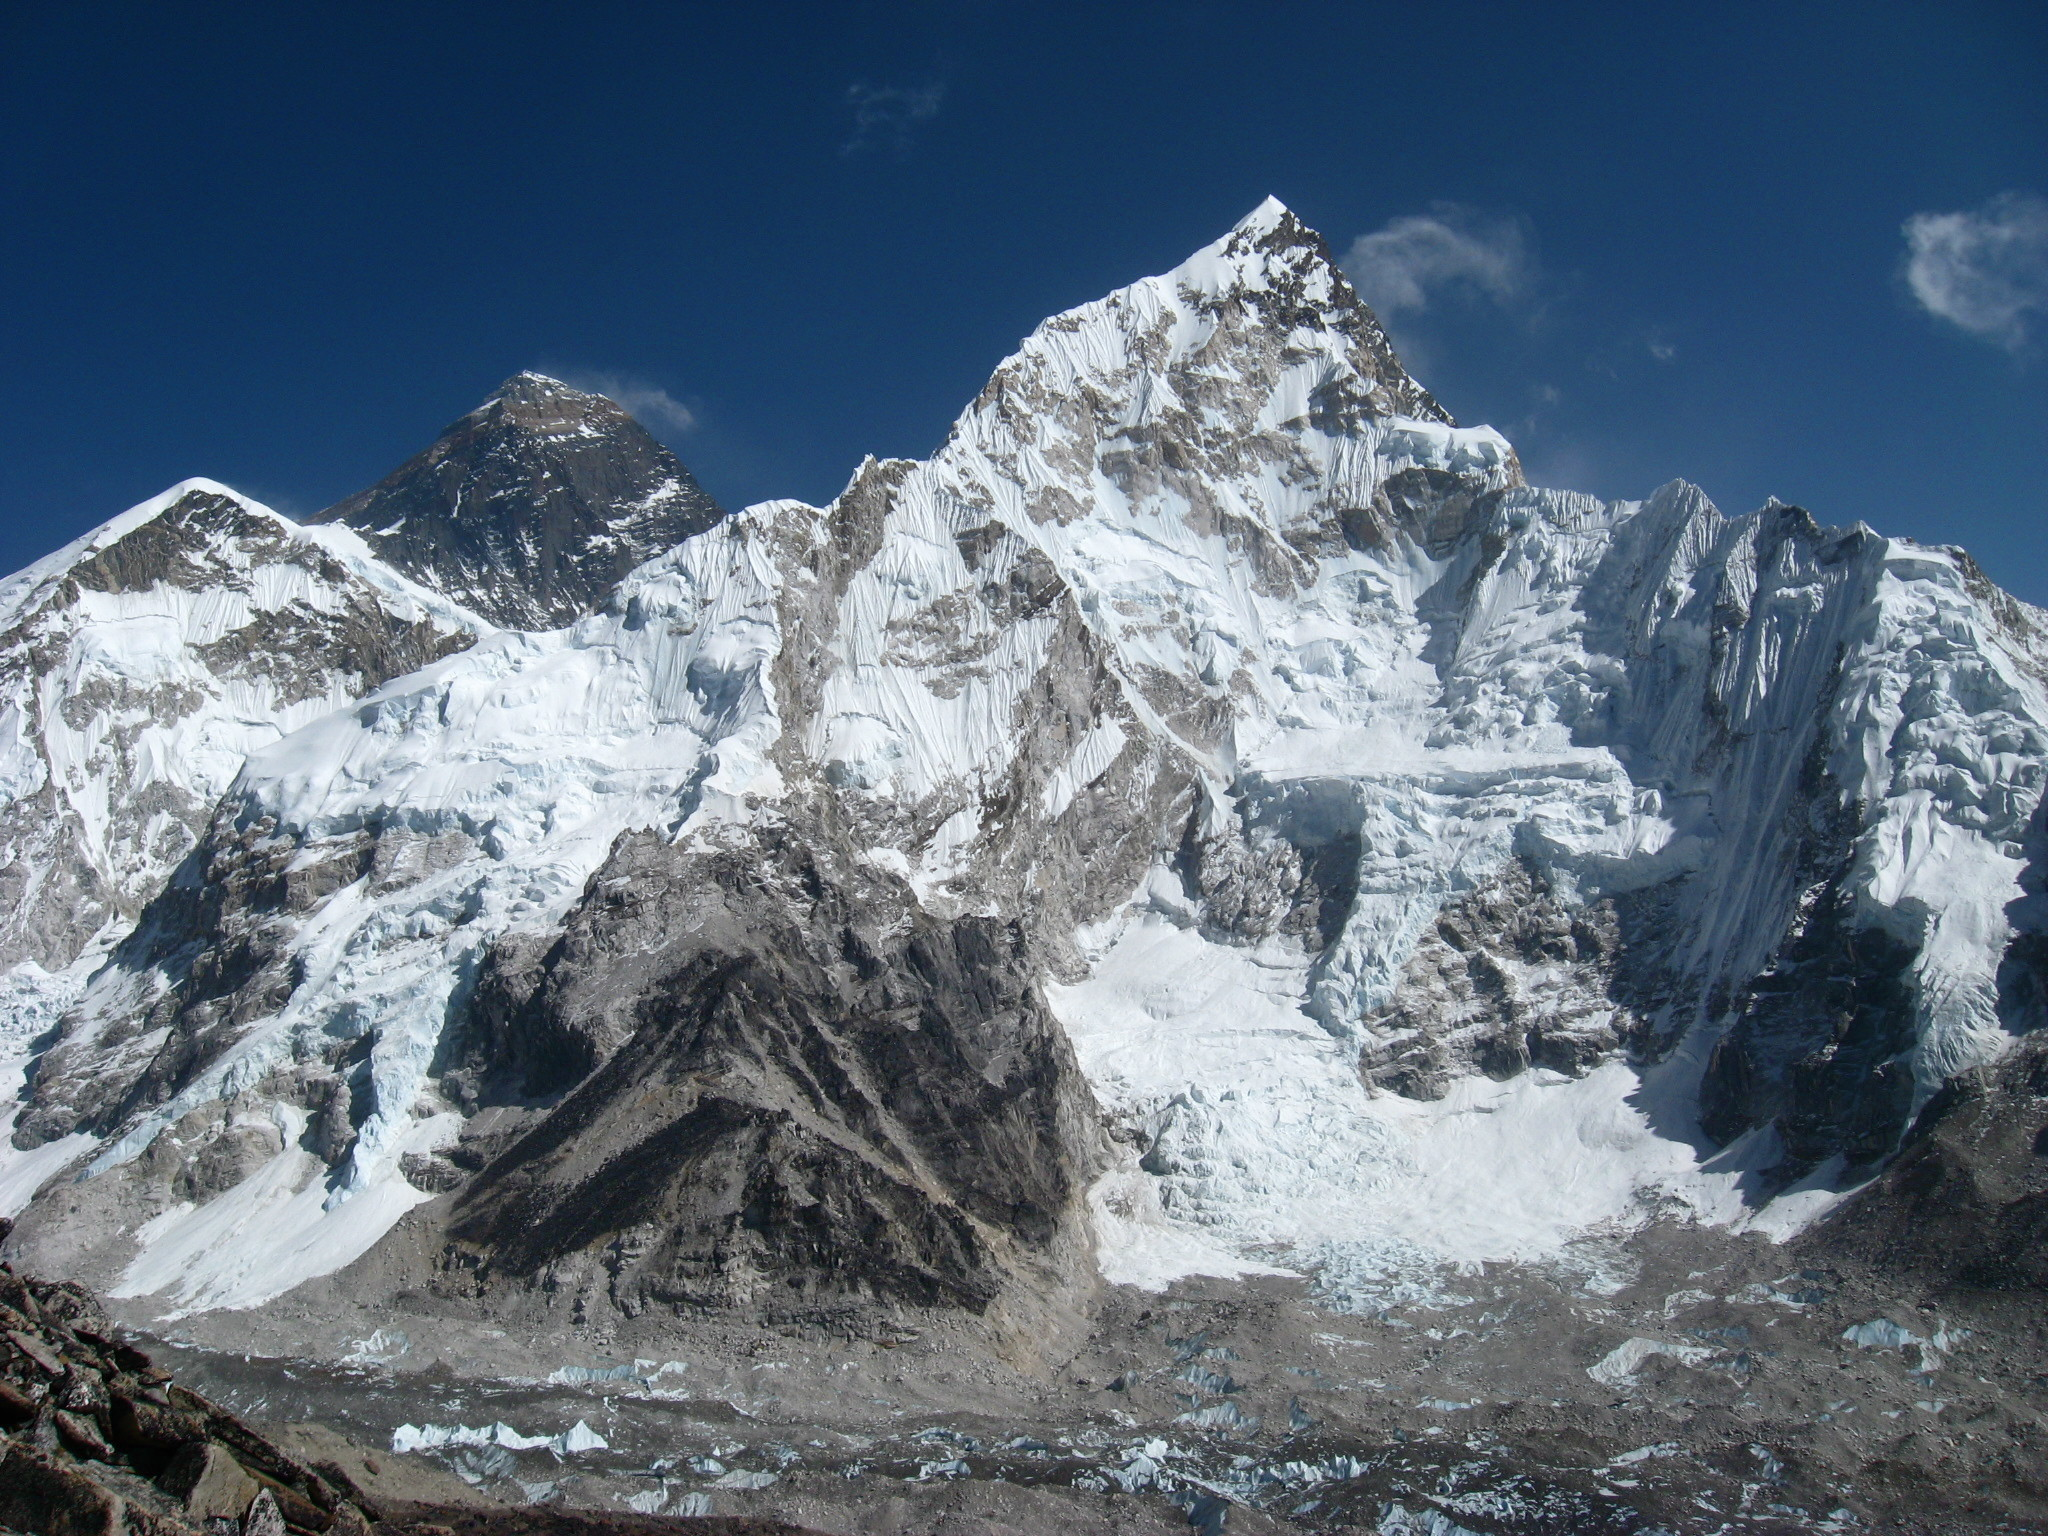 Mount Everest Wallpaper (64+ Images